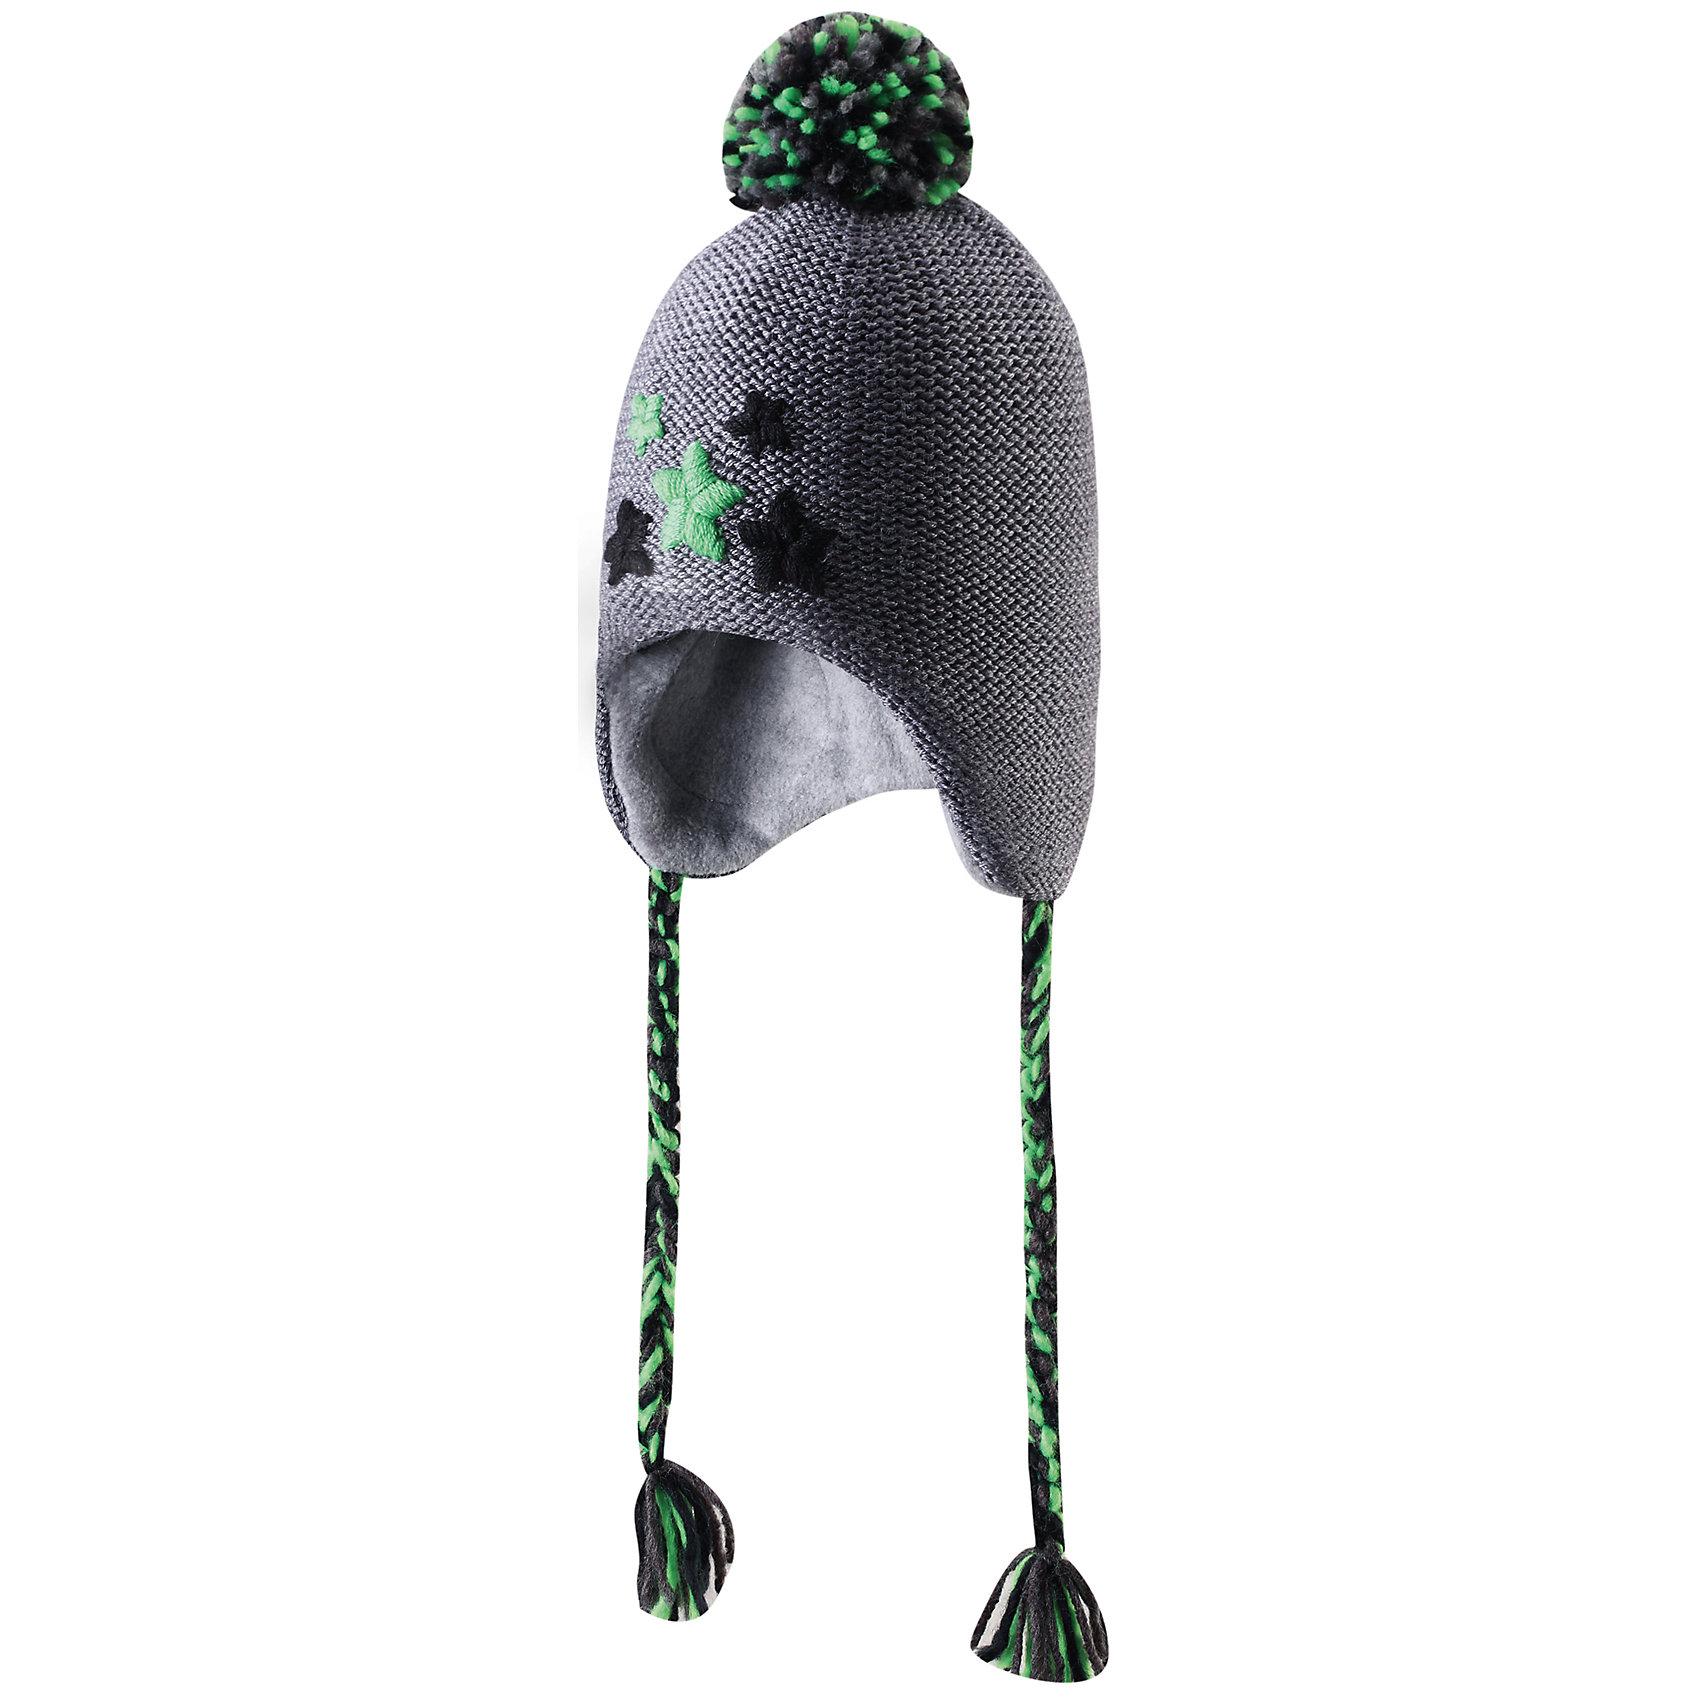 Шапка для мальчика ReimaСтильная зимняя шапочка с большим количеством деталей. Эта шапочка из смеси шерсти имеет декоративную вышивку спереди и забавный помпон на затылке. Вставки в области ушей придают дополнительную защиту, а подкладка из мягкого флиса создаст коже приятные ощущения. По бокам имеются симпатичные плетеные шнурочки: они не позволяют шапочке соскальзывать во время активных игр на открытом воздухе.<br><br> Шапочка для малышей и детей постарше из смеси шерсти, модели для девочек и мальчиков<br> Спереди декоративная вышивка<br> Сплошная подкладка: мягкий теплый полиэстер флис<br>Ветронепроницаемые вставки в области ушей<br>Состав:<br>50% Шерсть 50% Акрил<br><br><br>Шапку Reima (Рейма) можно купить в нашем магазине.<br><br>Ширина мм: 89<br>Глубина мм: 117<br>Высота мм: 44<br>Вес г: 155<br>Цвет: серый<br>Возраст от месяцев: 6<br>Возраст до месяцев: 9<br>Пол: Мужской<br>Возраст: Детский<br>Размер: 46,50,52,48<br>SKU: 4208760